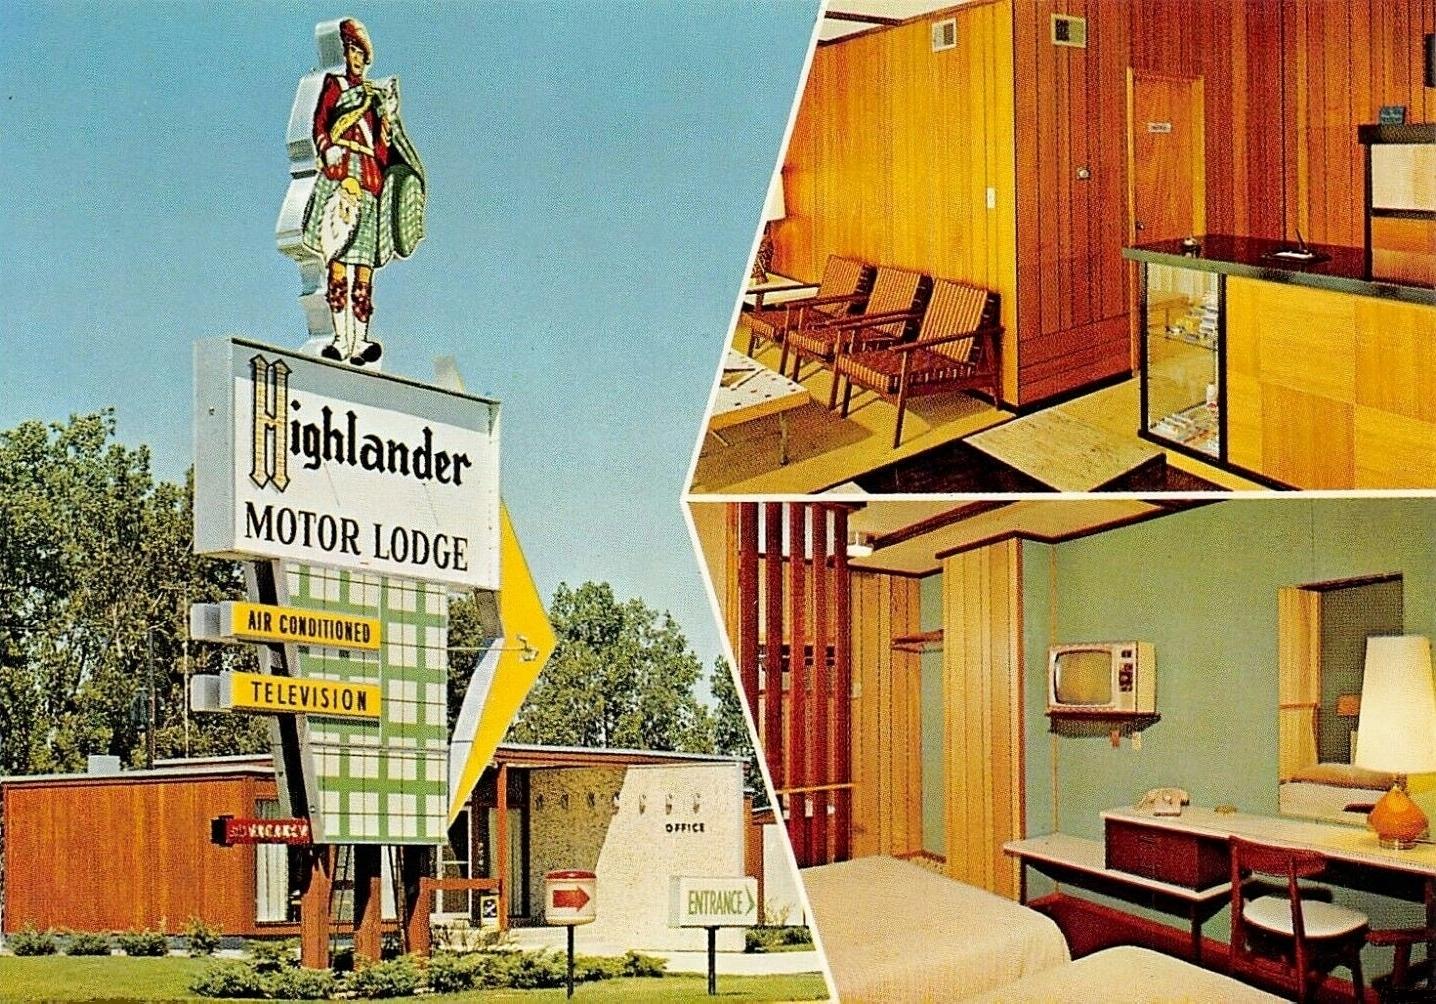 Highlander Motor Lodge - Elkhart, Indiana U.S.A. - 1950-57